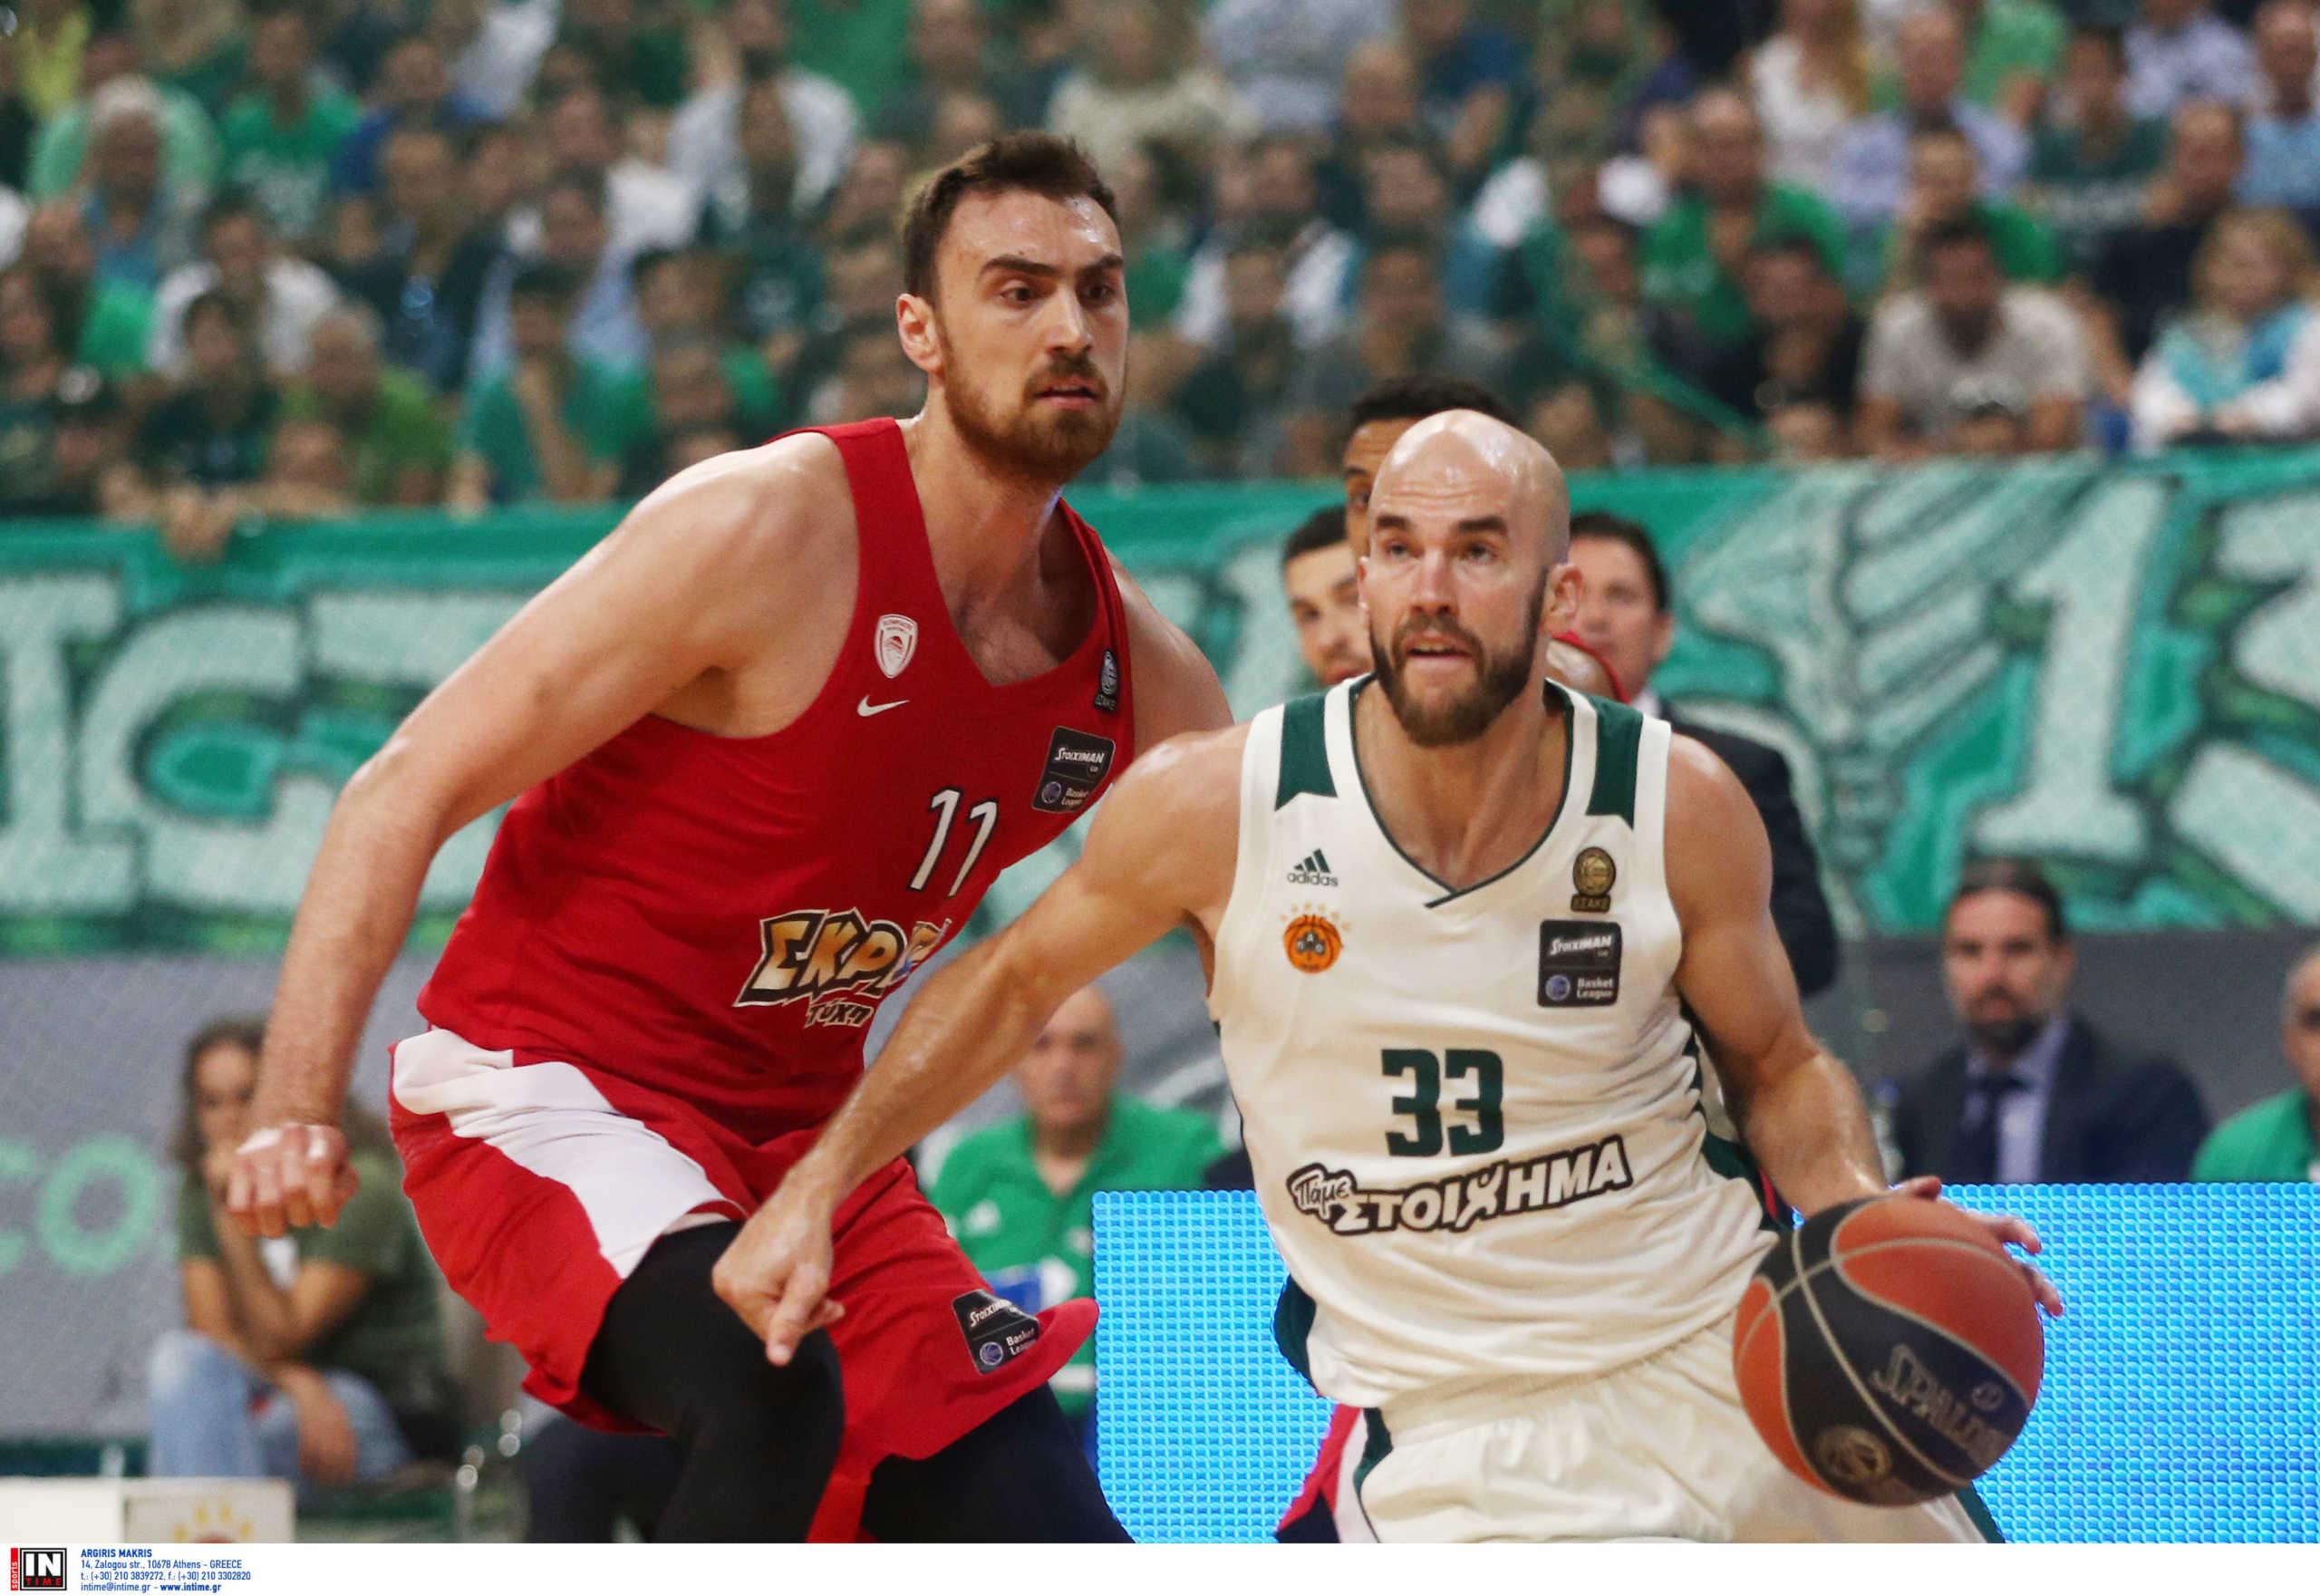 Euroleague: Καλάθης και Μιλουτίνοφ στην καλύτερη 5άδα της… μισής διοργάνωσης (pic)